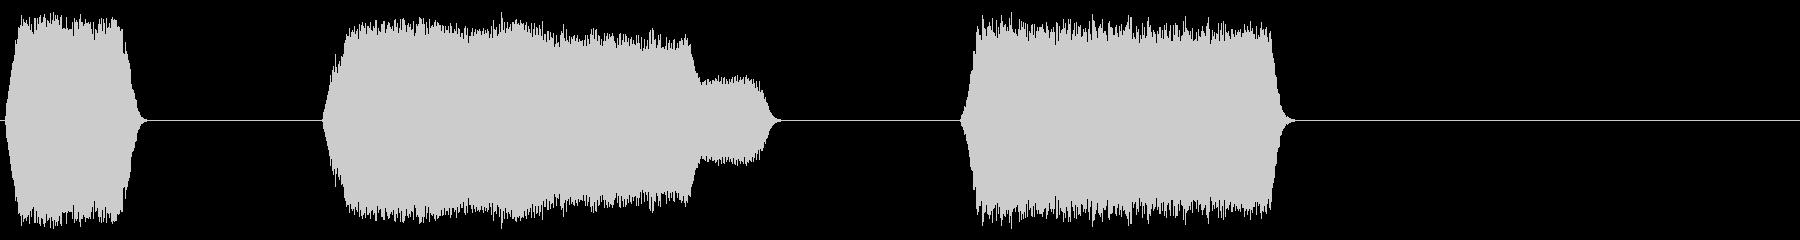 サーボ、レーザーアシストX3の未再生の波形